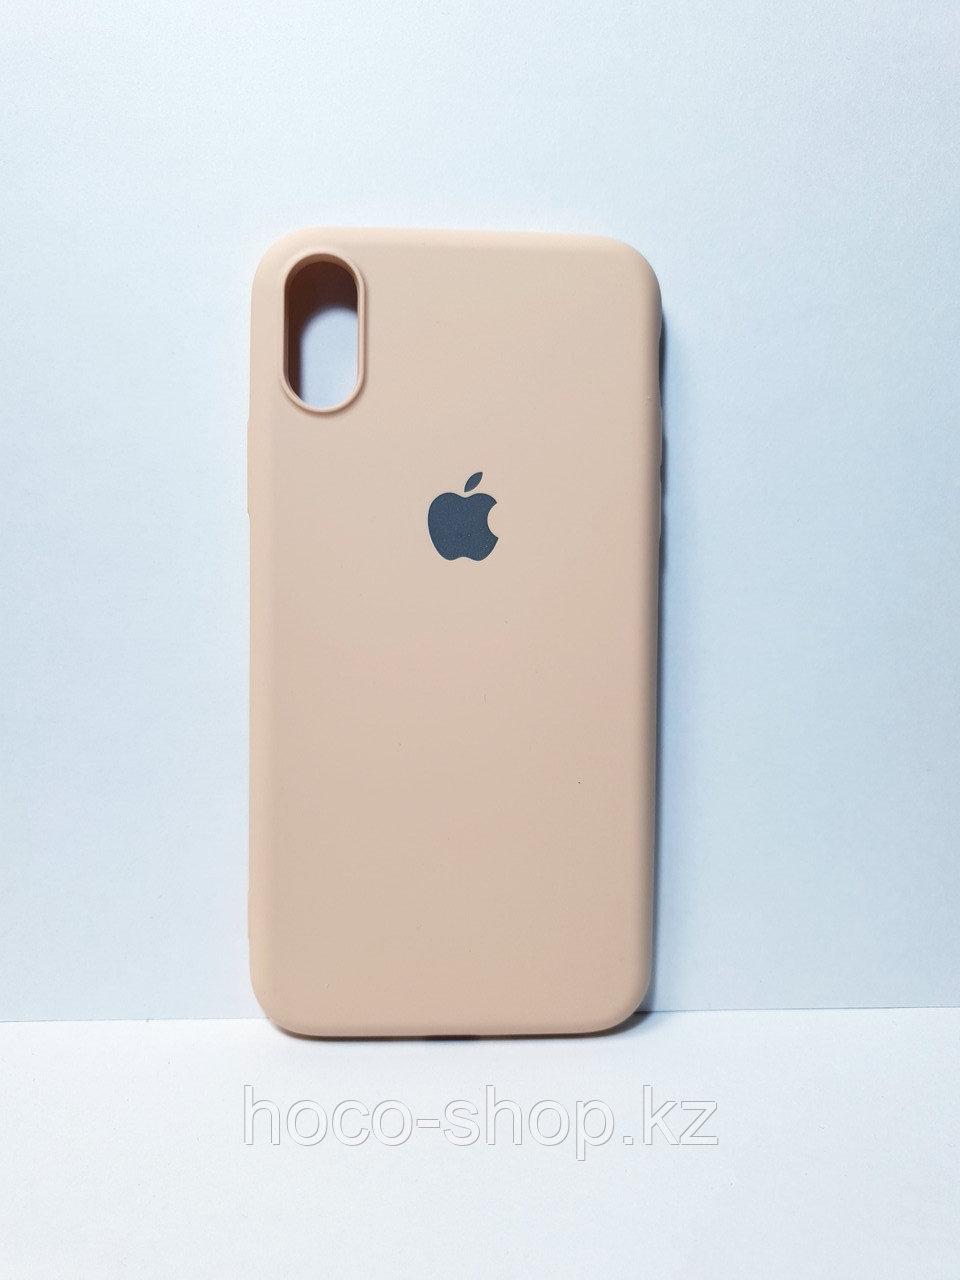 Защитный чехол для iPhone X/Xs Soft Touch силиконовый, бежевый